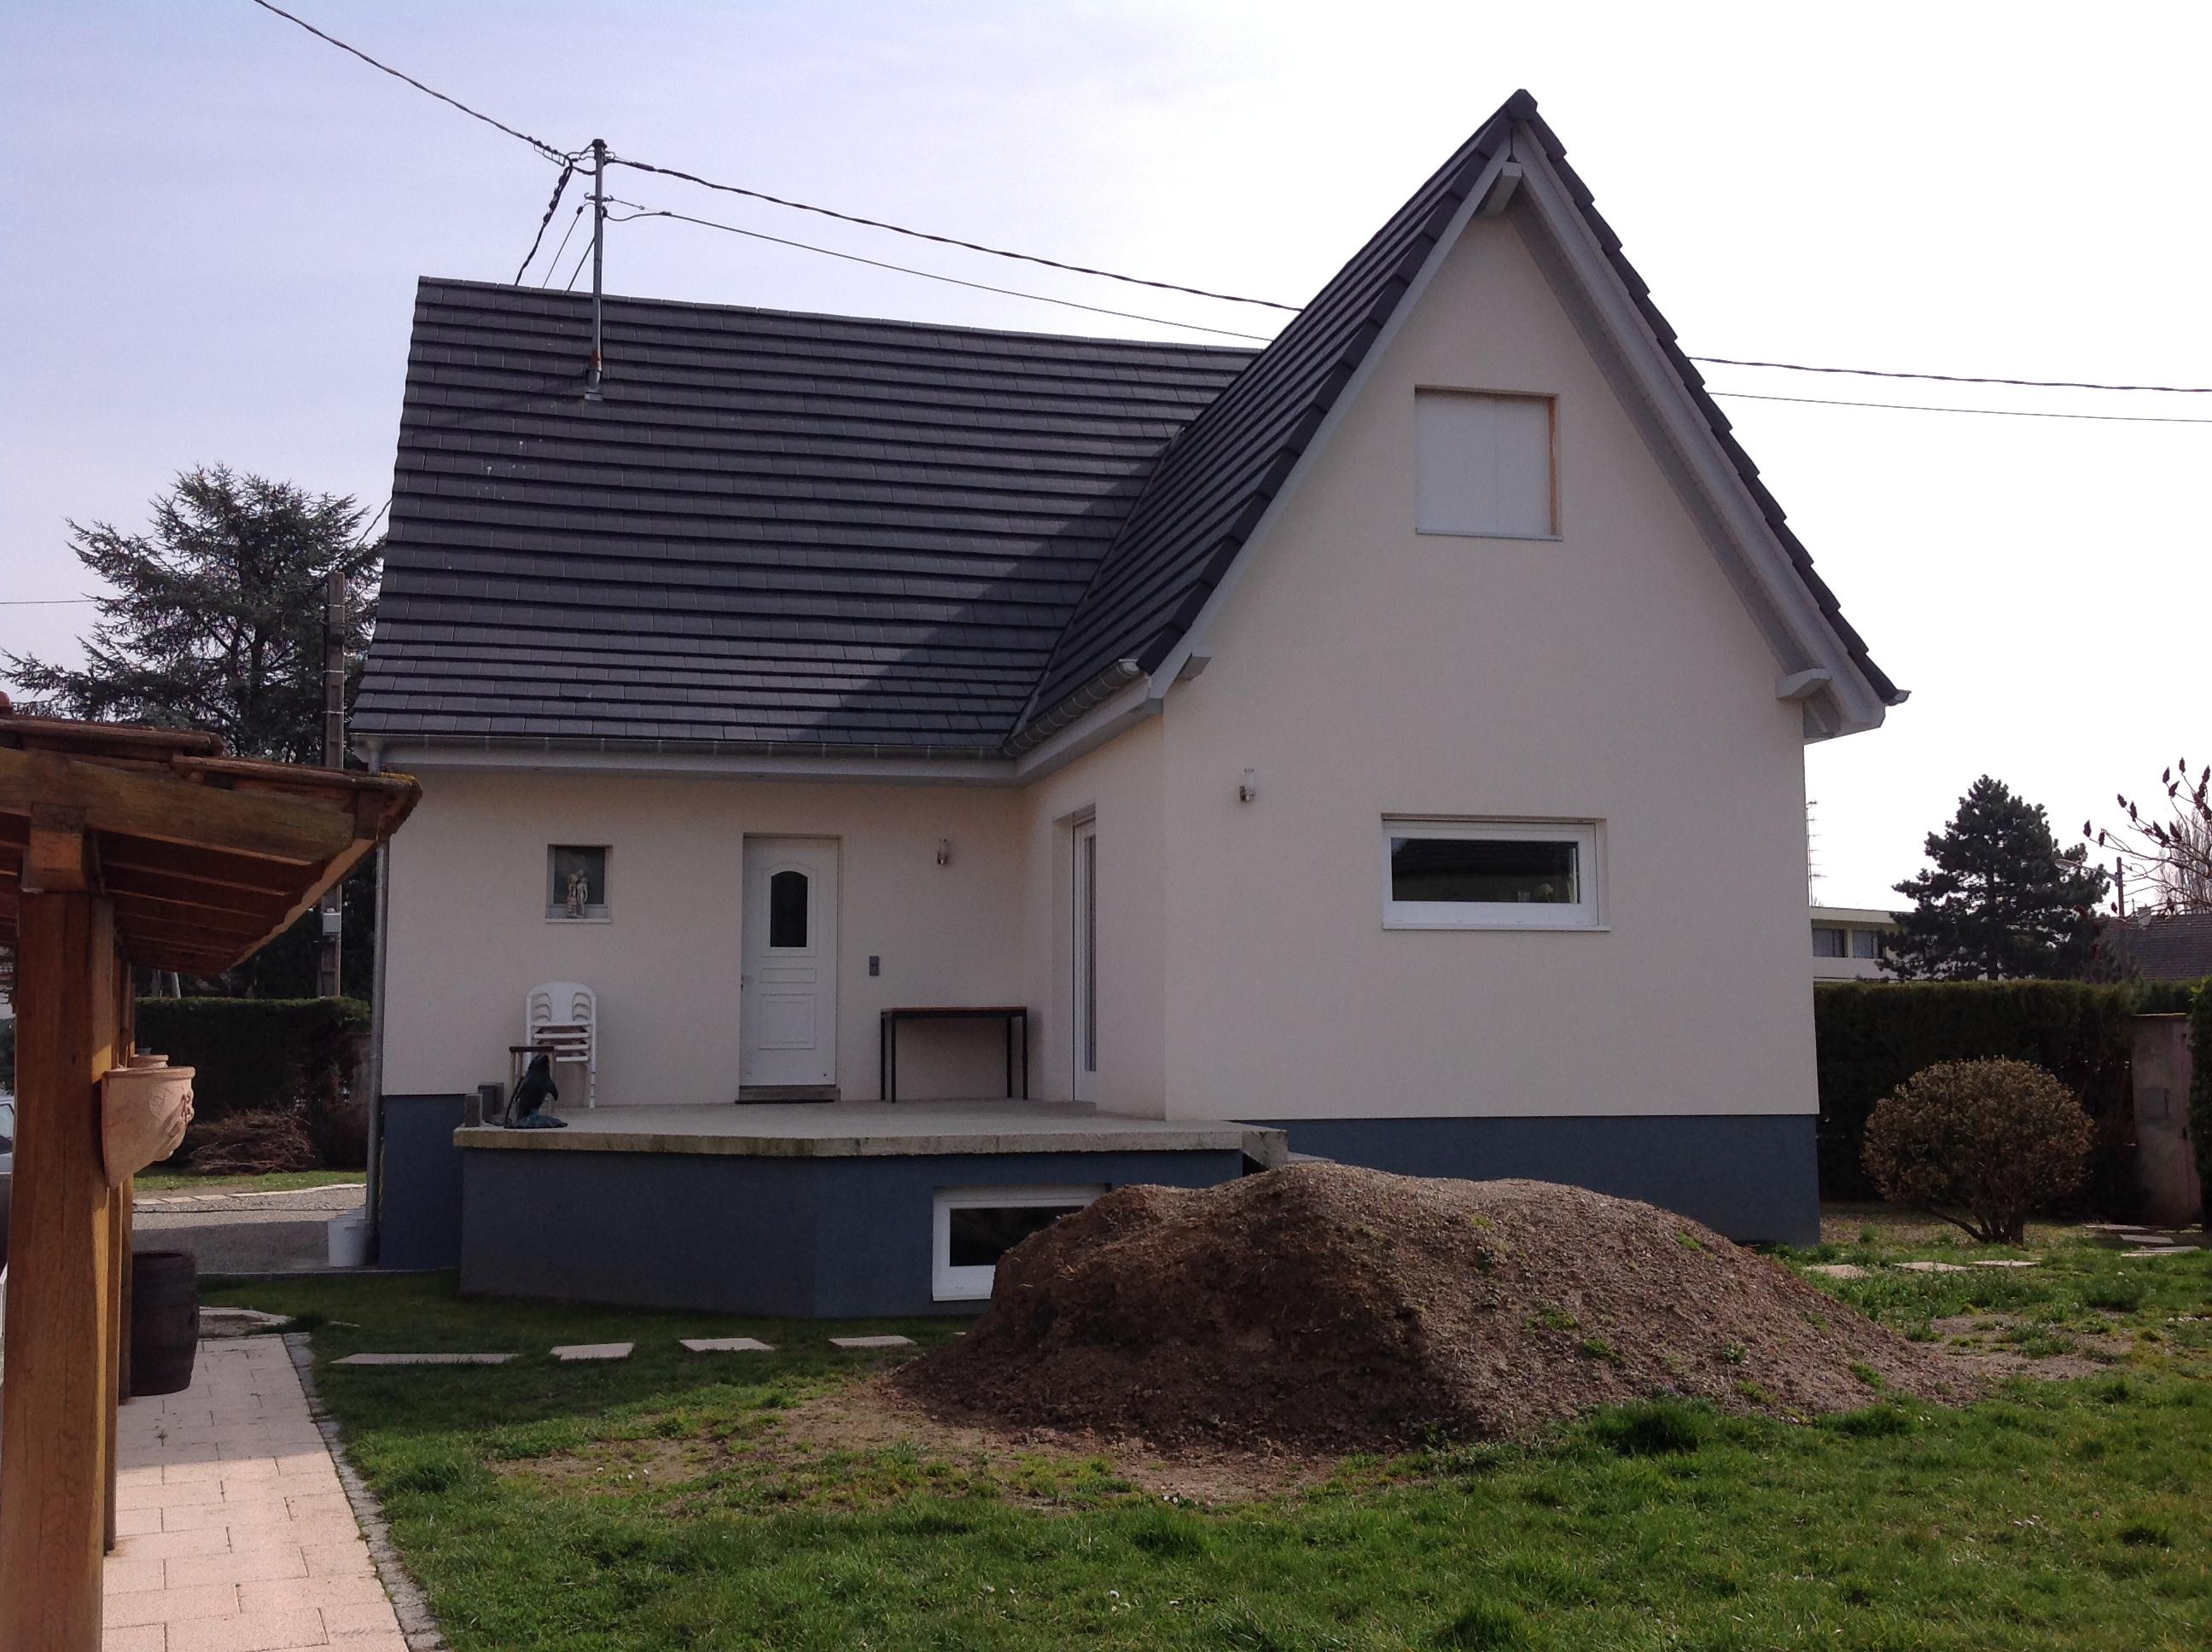 Extension avec toiture deux pans abt construction bois for Extension toiture